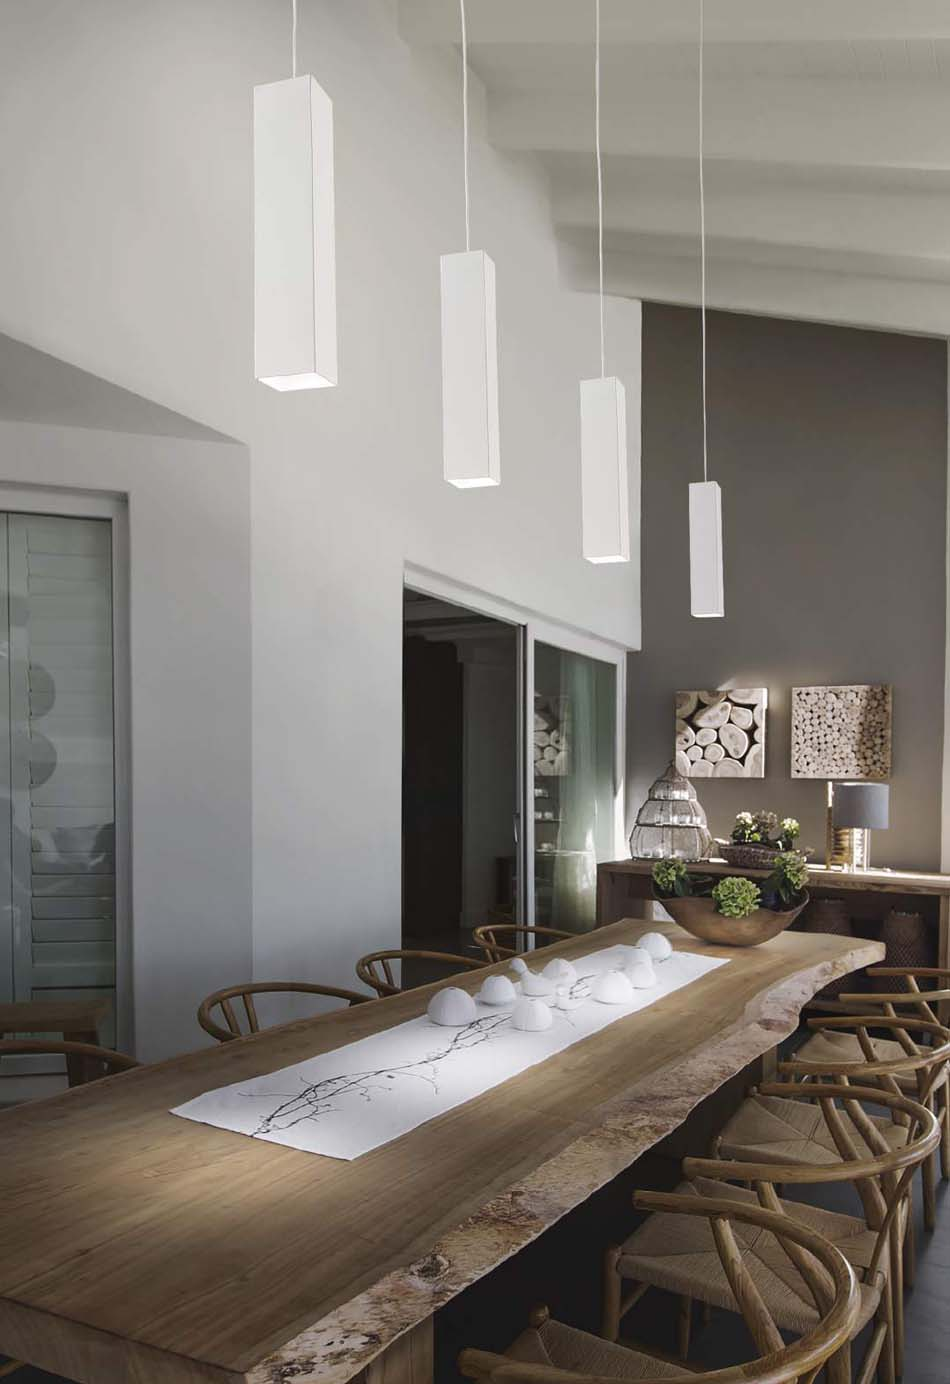 Lampade 17 sospensione Ideal Lux Sky – Bruni Arredamenti